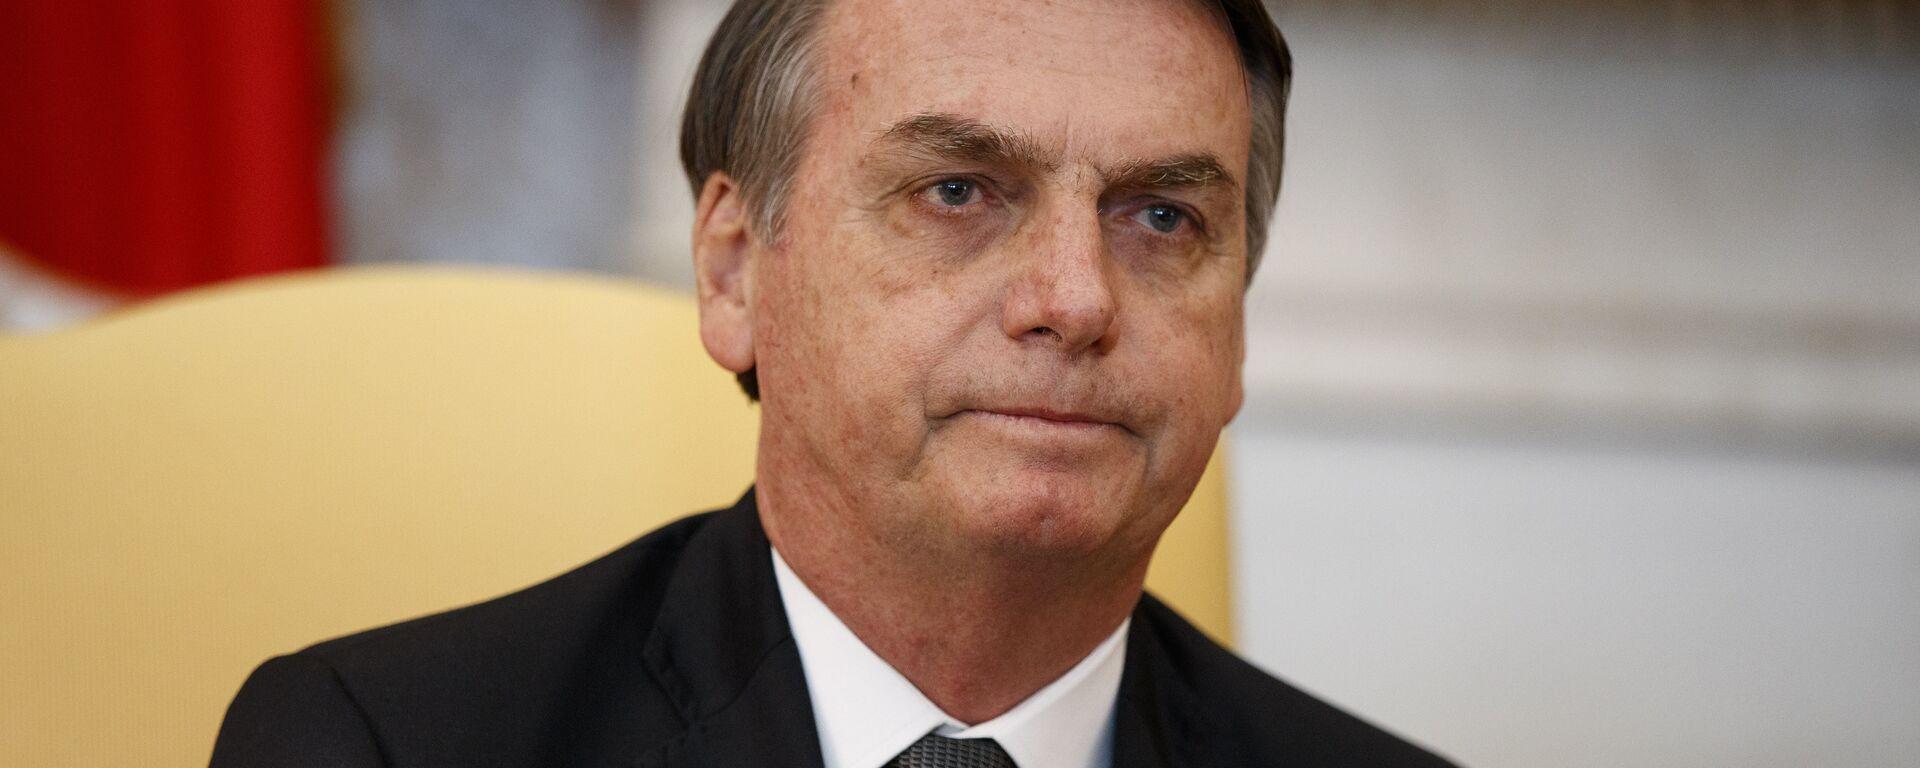 El presidente de Brasil, Jair Bolsonaro, en la oficina oval de la Casa Blanca en Washington - Sputnik Mundo, 1920, 03.08.2021